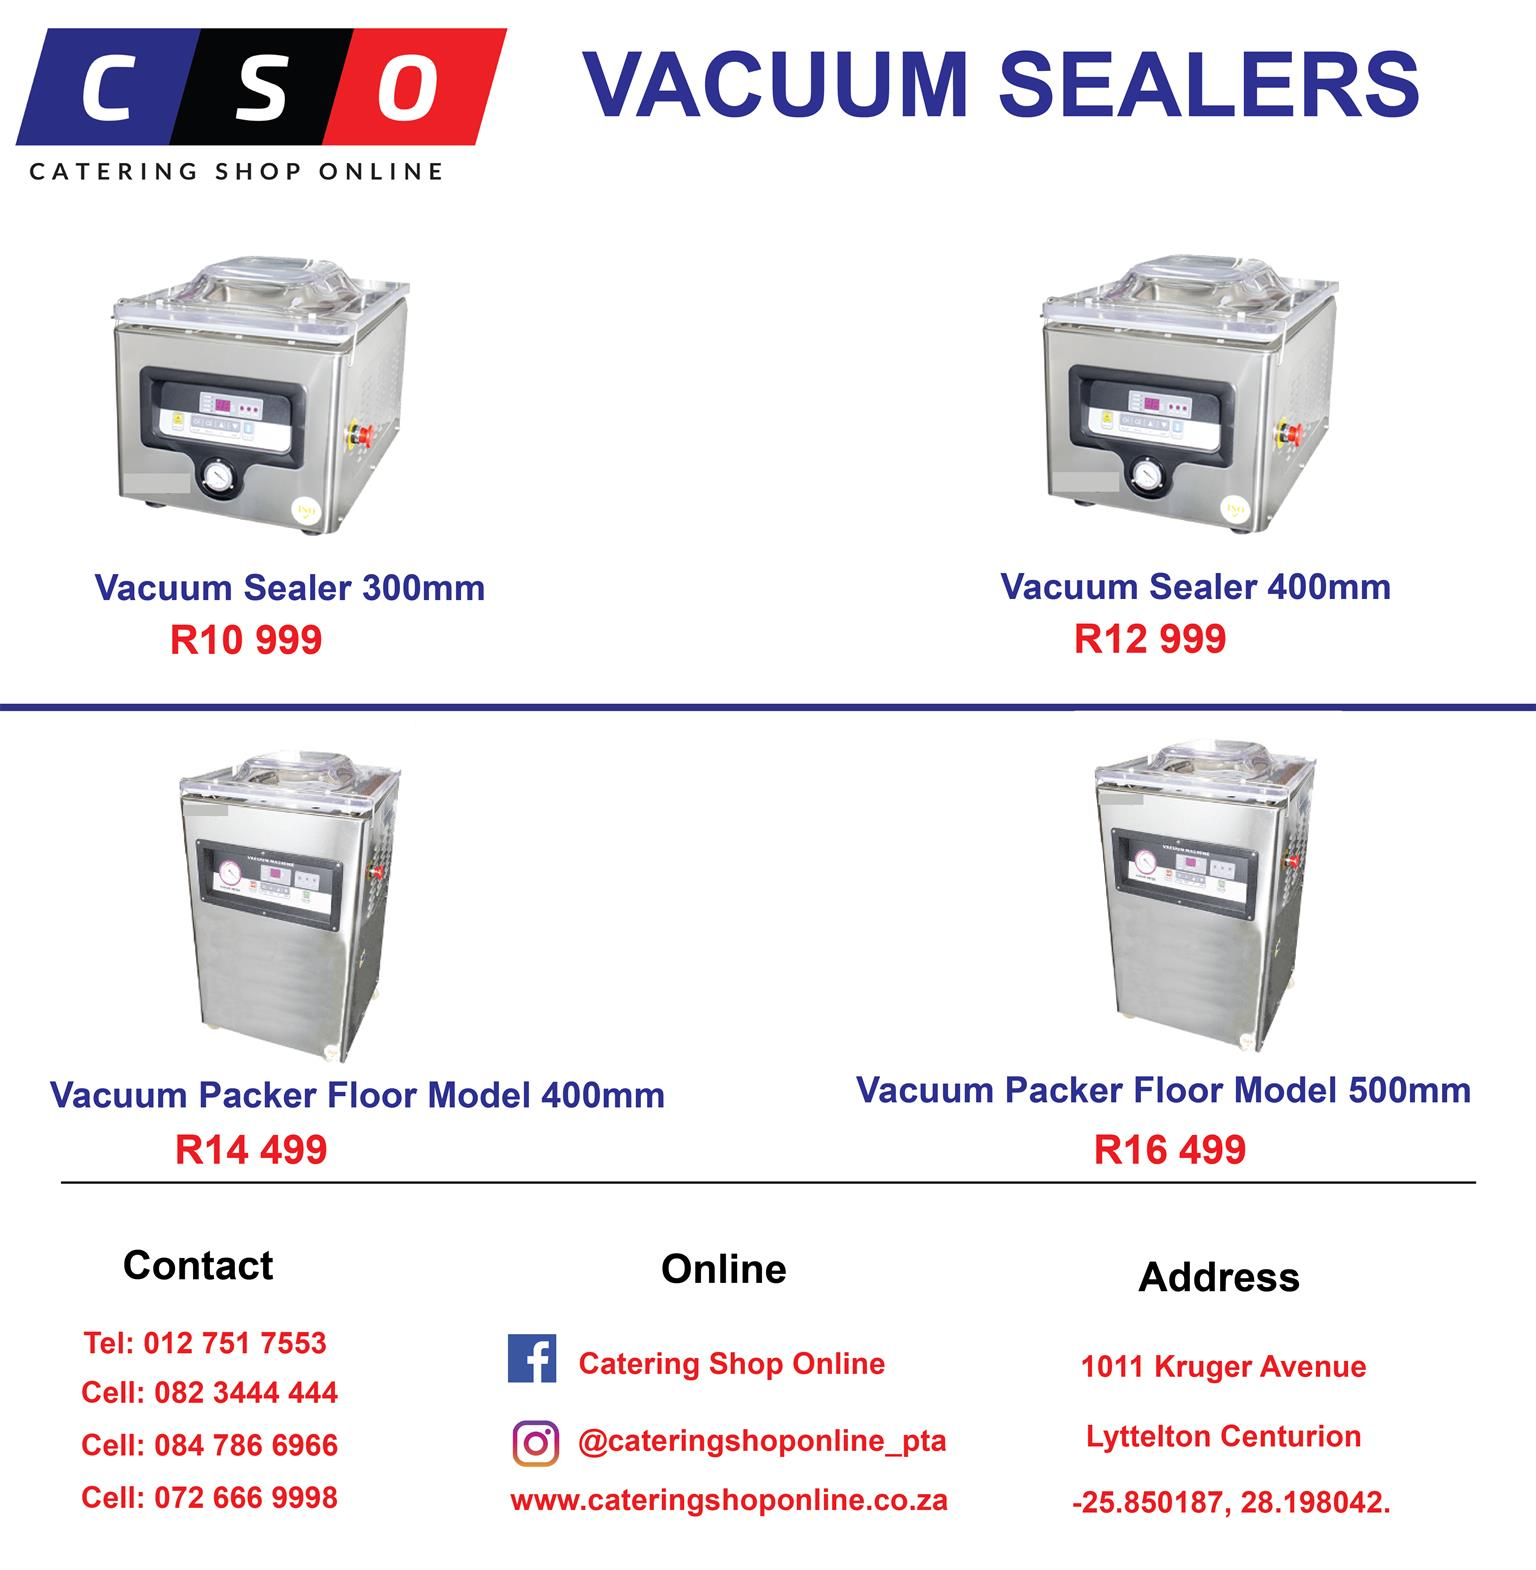 Vacuum Sealers